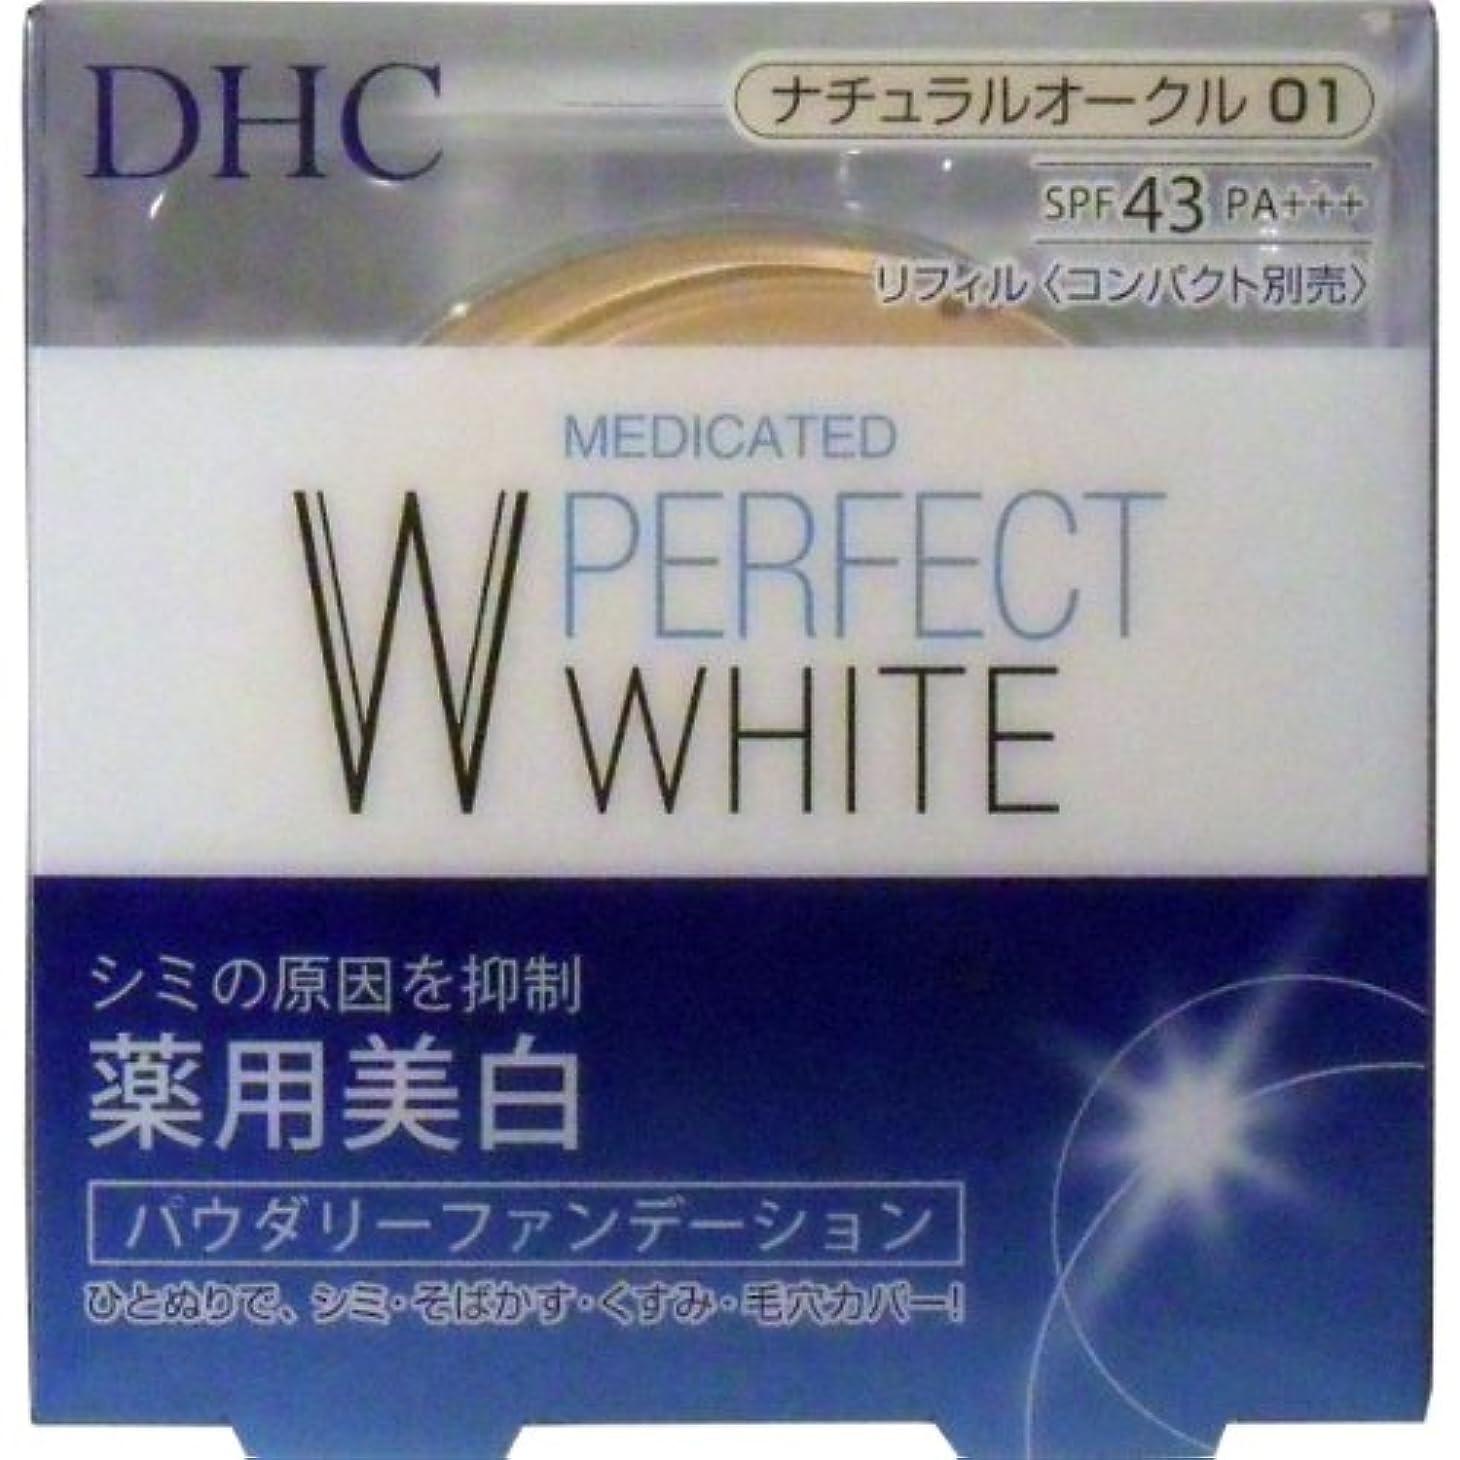 コンパスモニカ効率的にDHC 薬用美白パーフェクトホワイト パウダリーファンデーション ナチュラルオークル01 10g